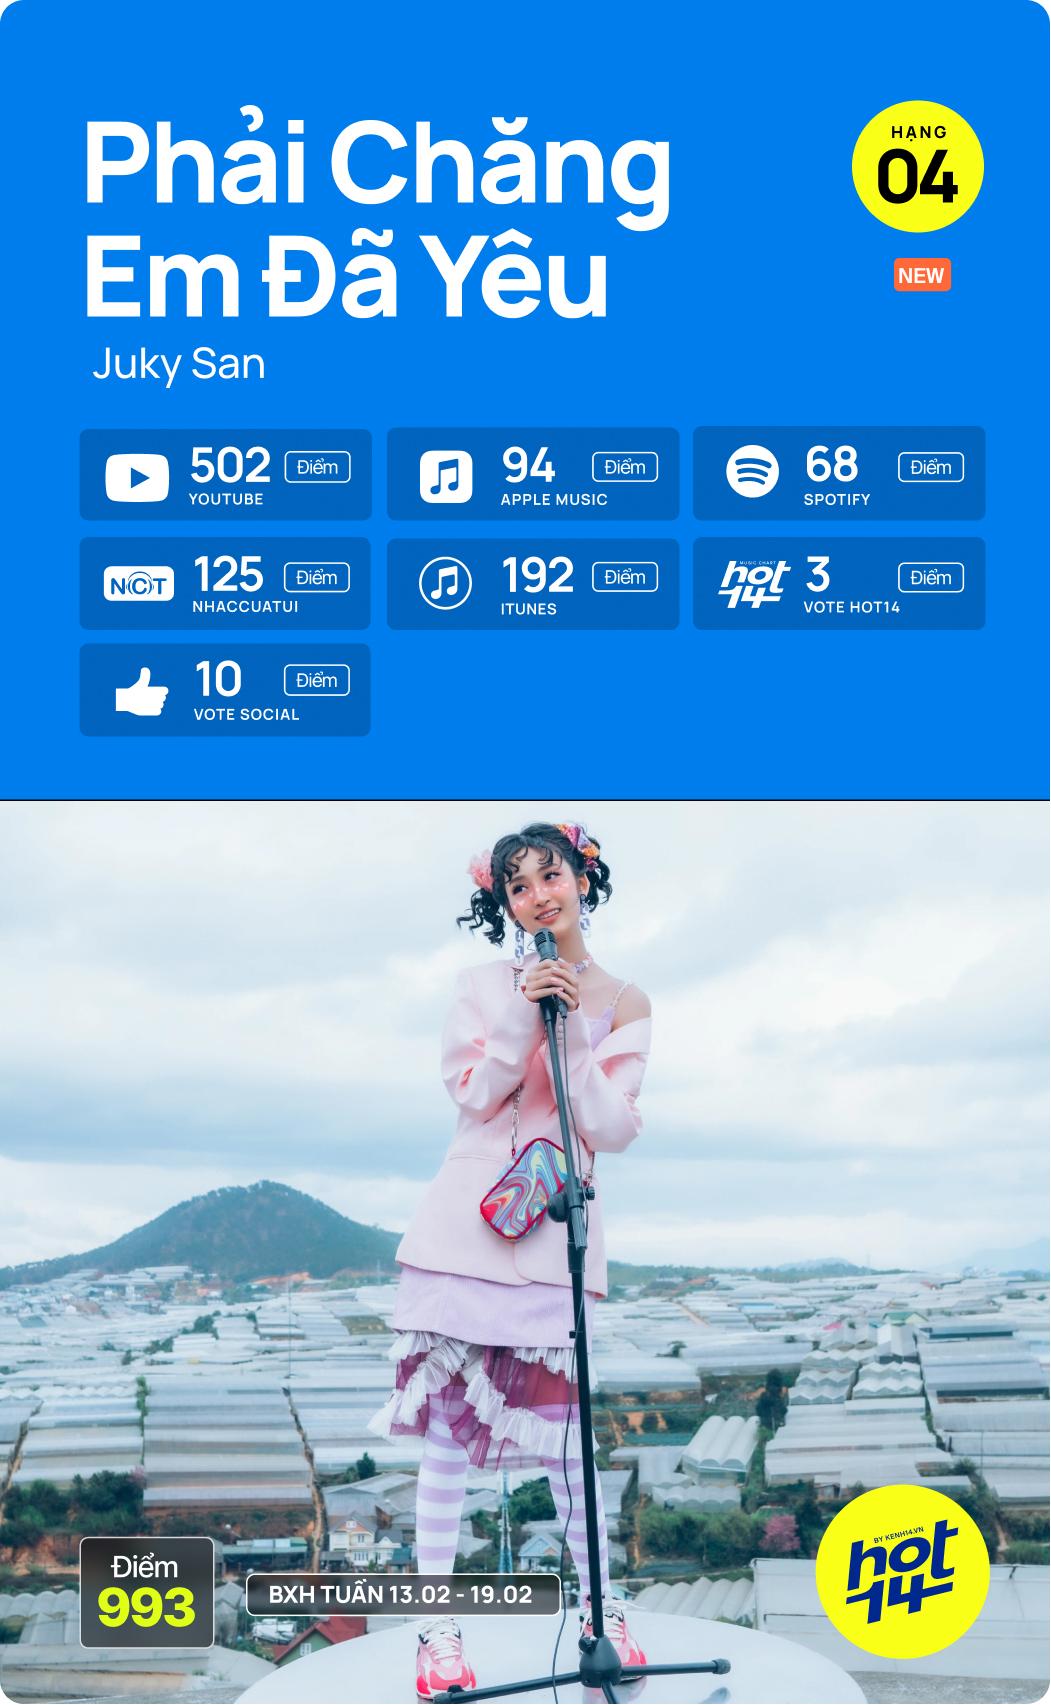 Hiện tượng Tình Bạn Diệu Kỳ chấm dứt chuỗi 7 tuần liên tiếp no.1 của Jack; Juky San debut vượt cả Đen Vâu tại HOT14 tuần này - Ảnh 12.